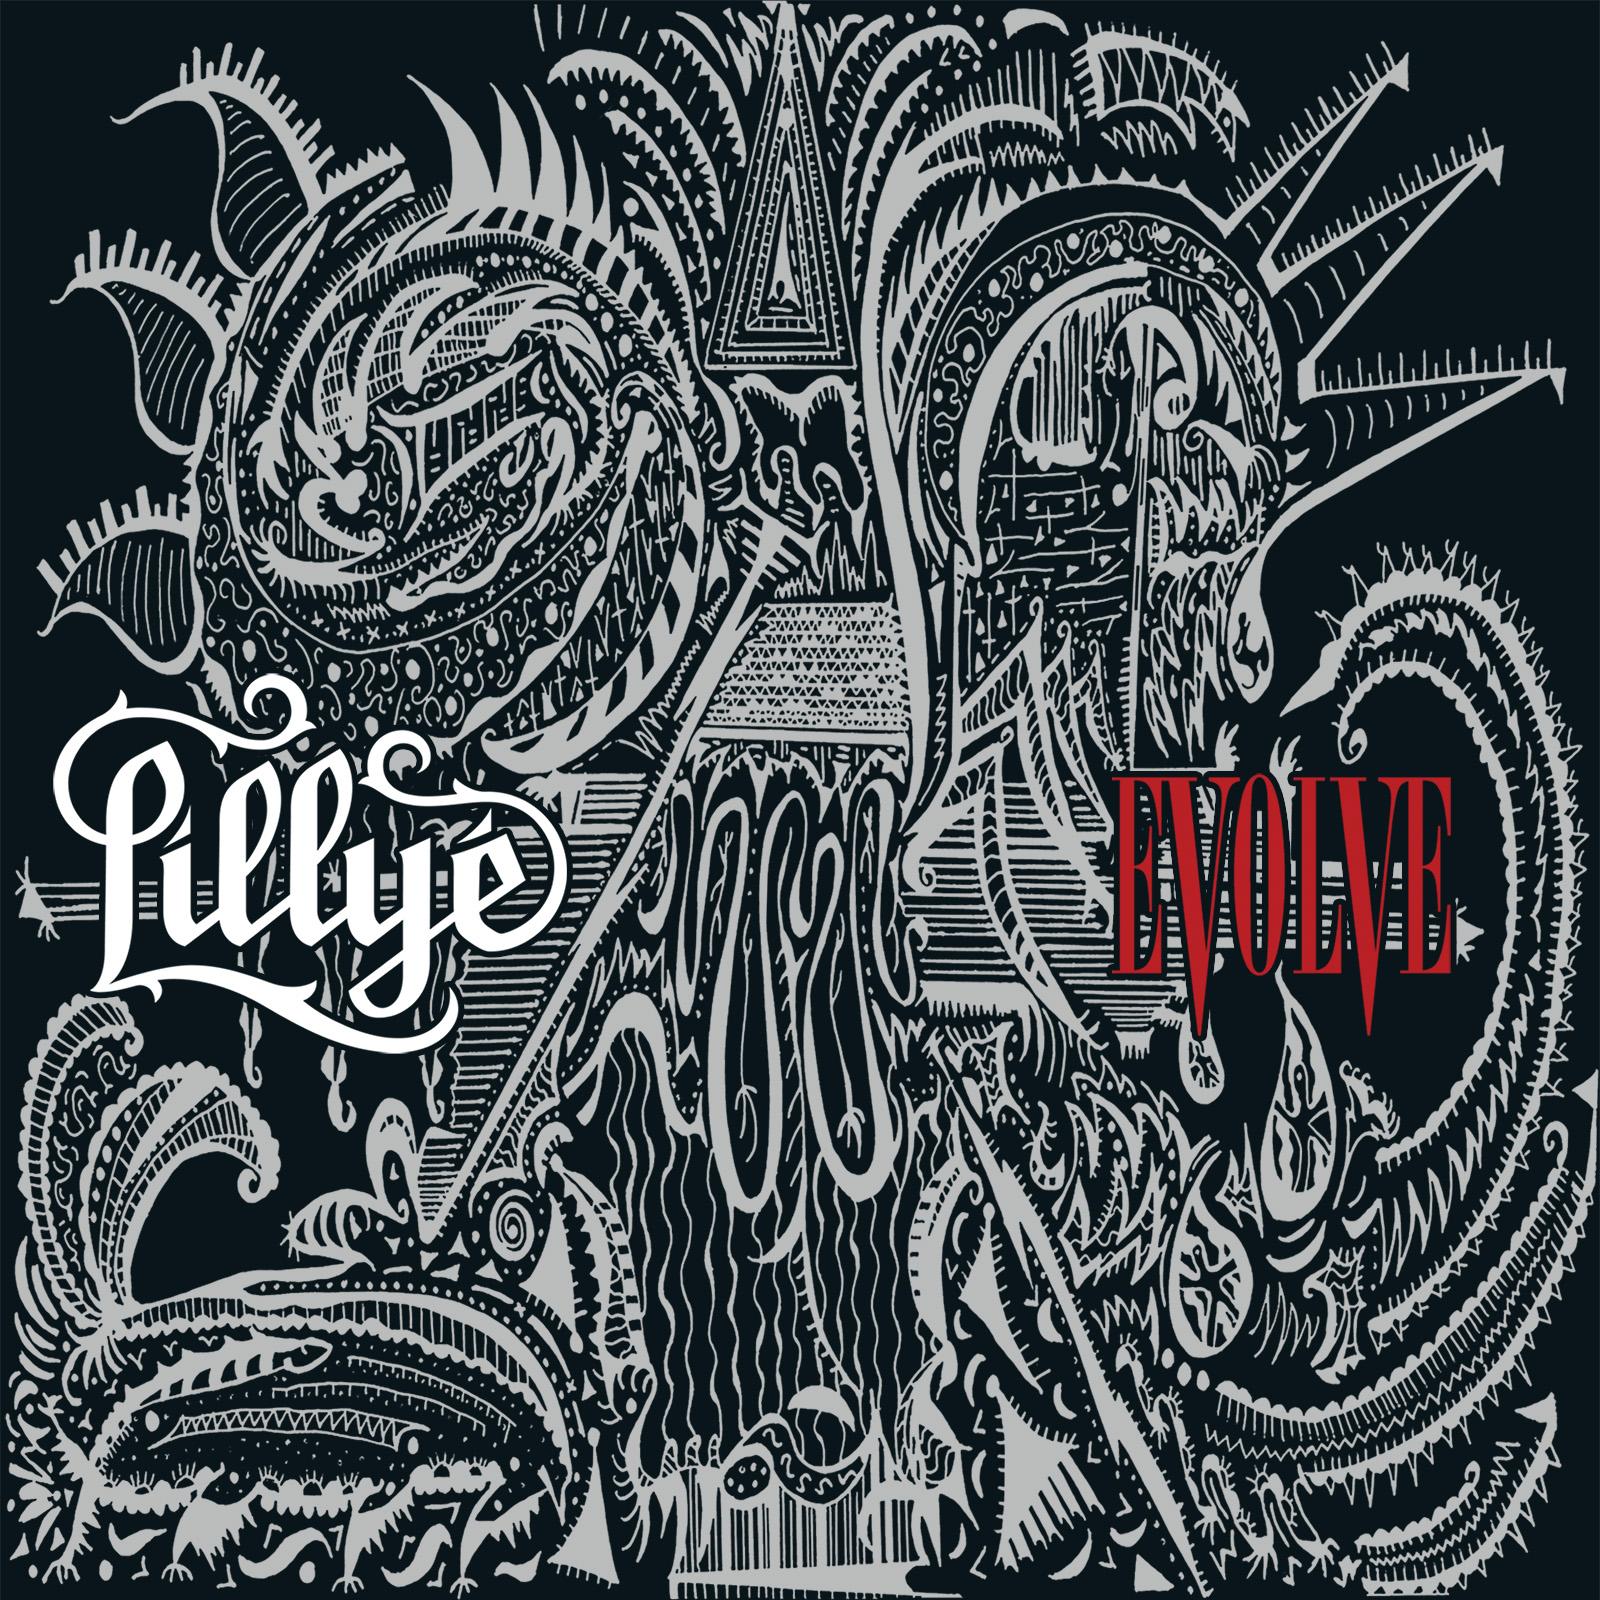 Lillye-Evolve-cover-art-1600